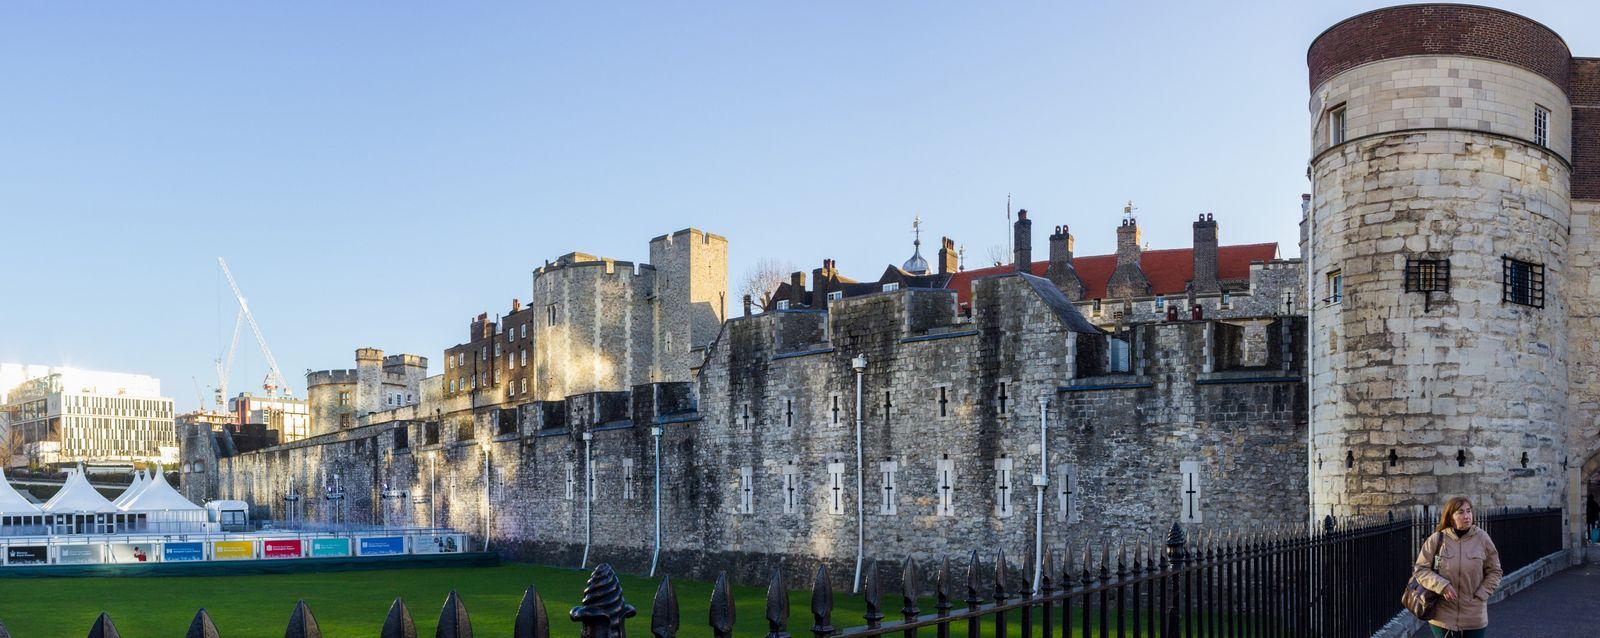 Adentrándonos en la Torre de Londres